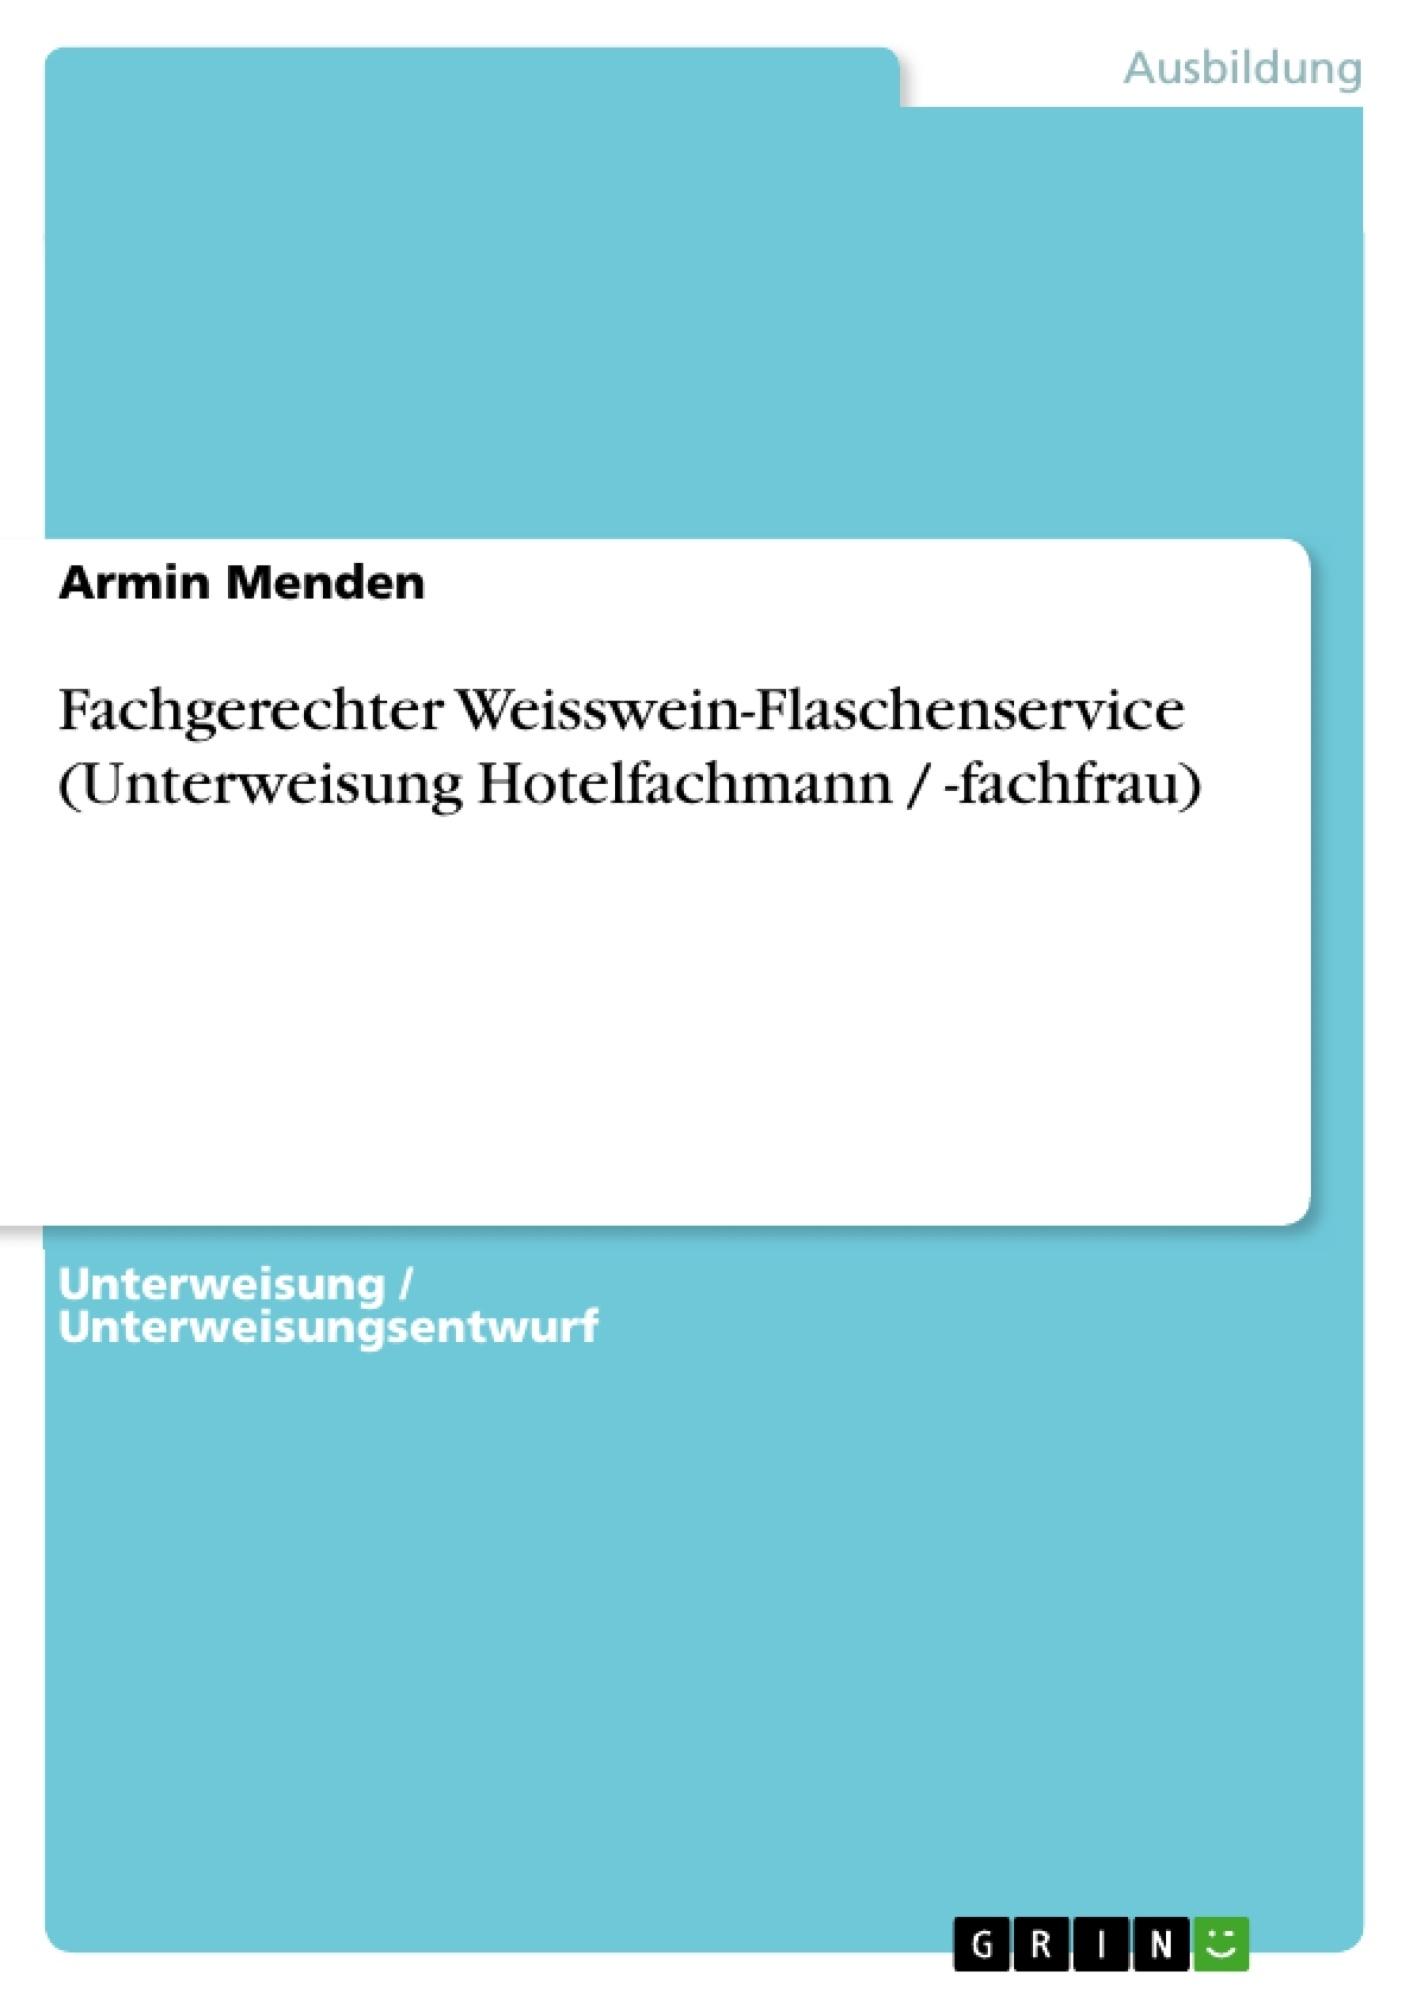 Titel: Fachgerechter Weisswein-Flaschenservice (Unterweisung Hotelfachmann / -fachfrau)